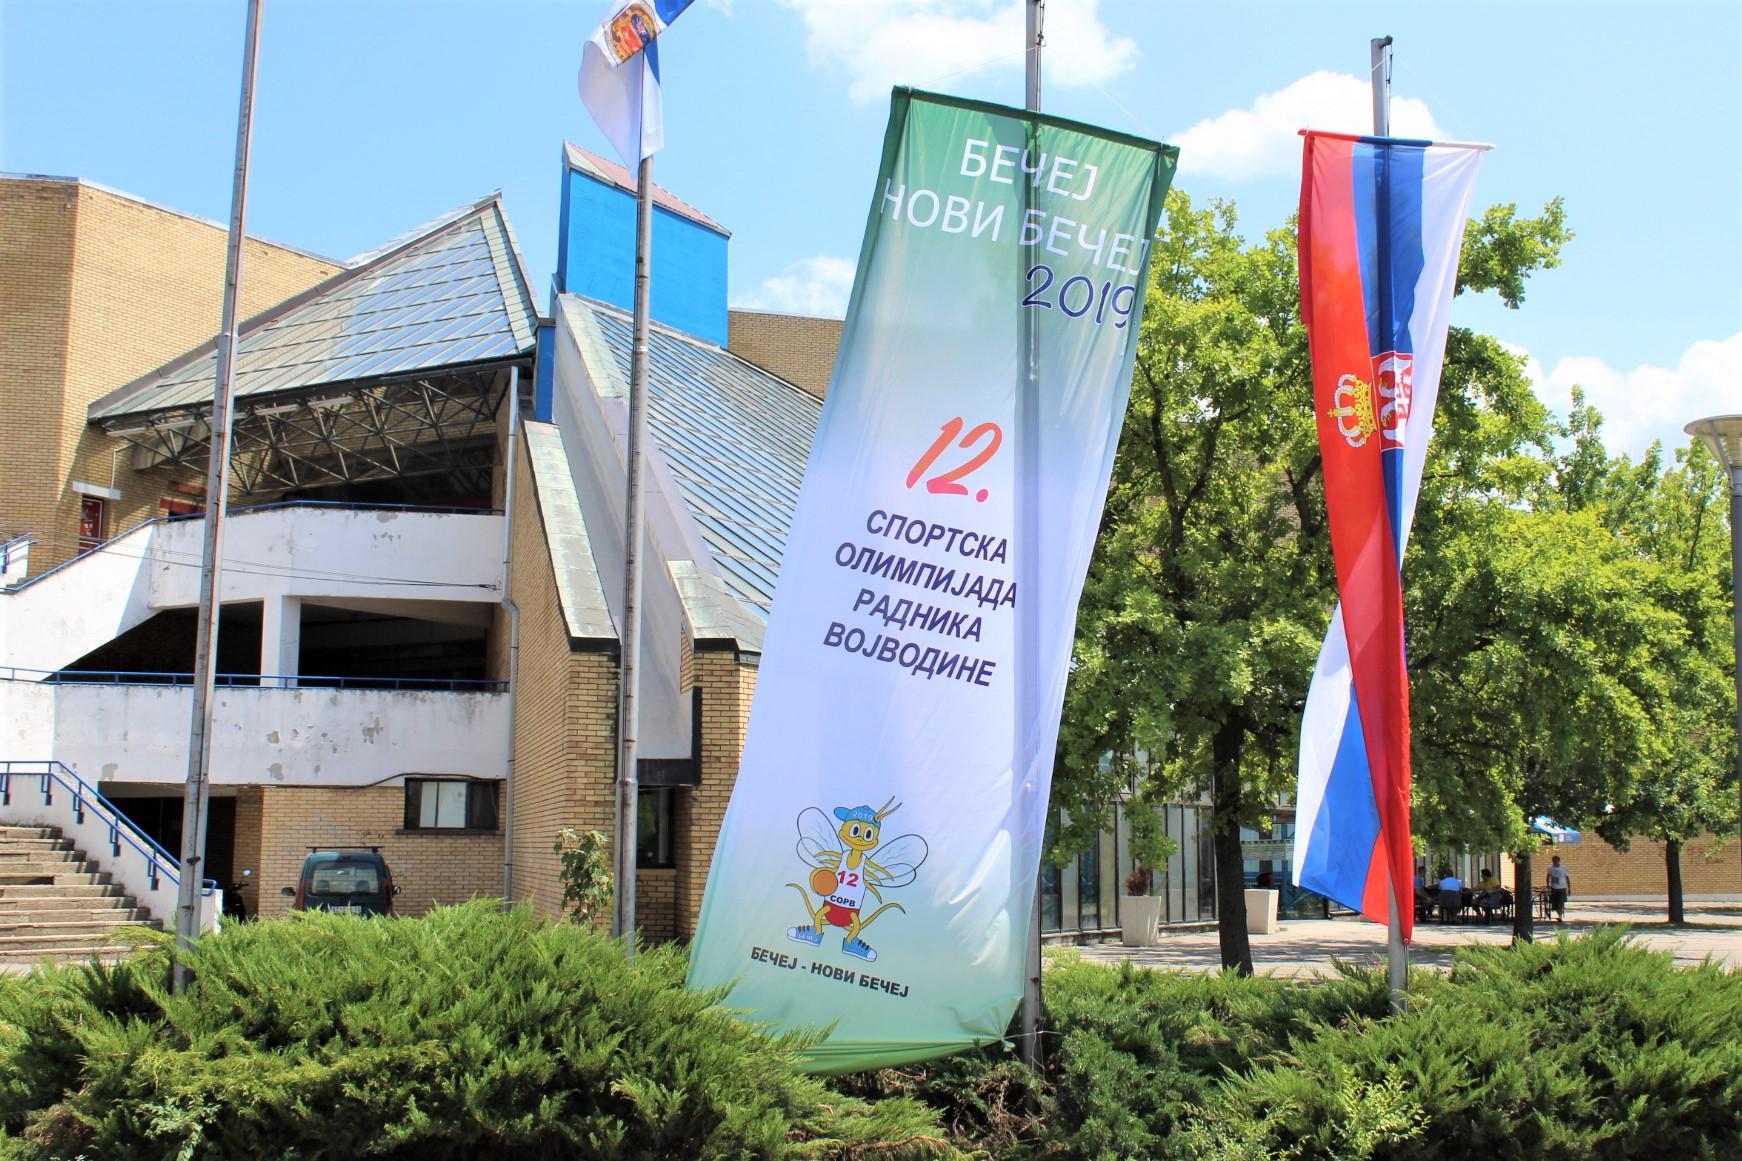 olimpijska zastava sorv